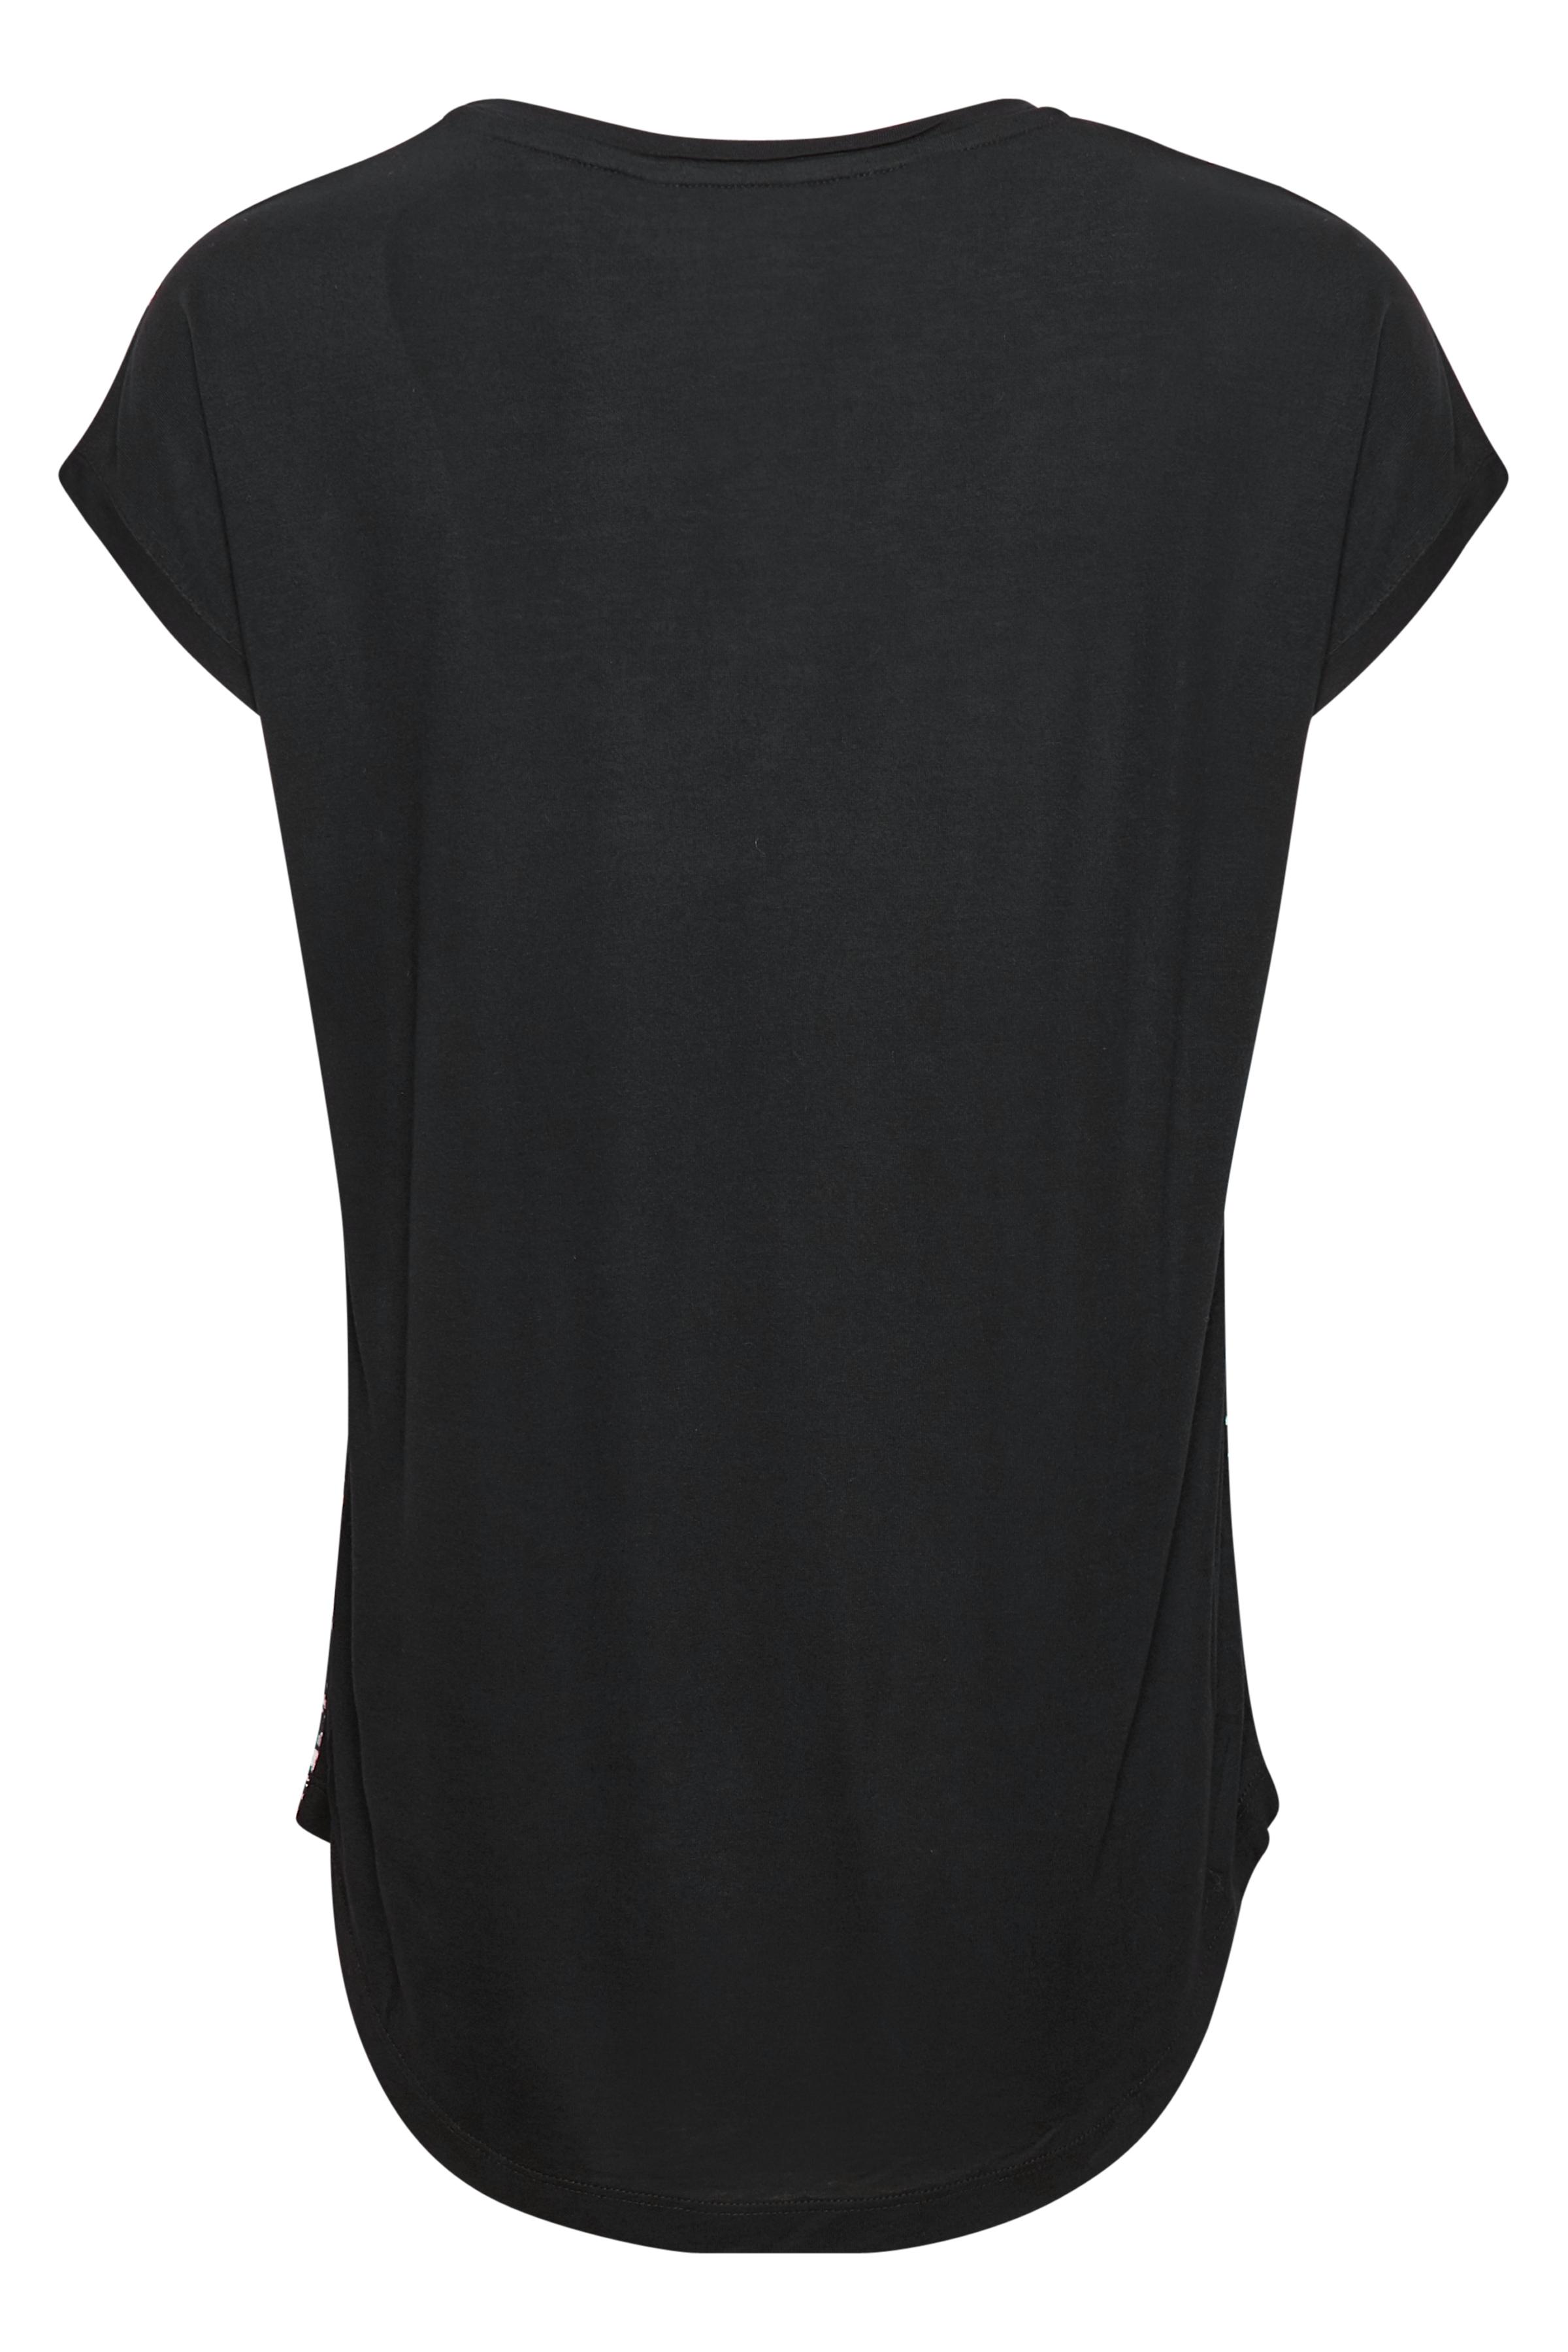 Sort/off-white Kortærmet bluse fra Bon'A Parte – Køb Sort/off-white Kortærmet bluse fra str. S-2XL her